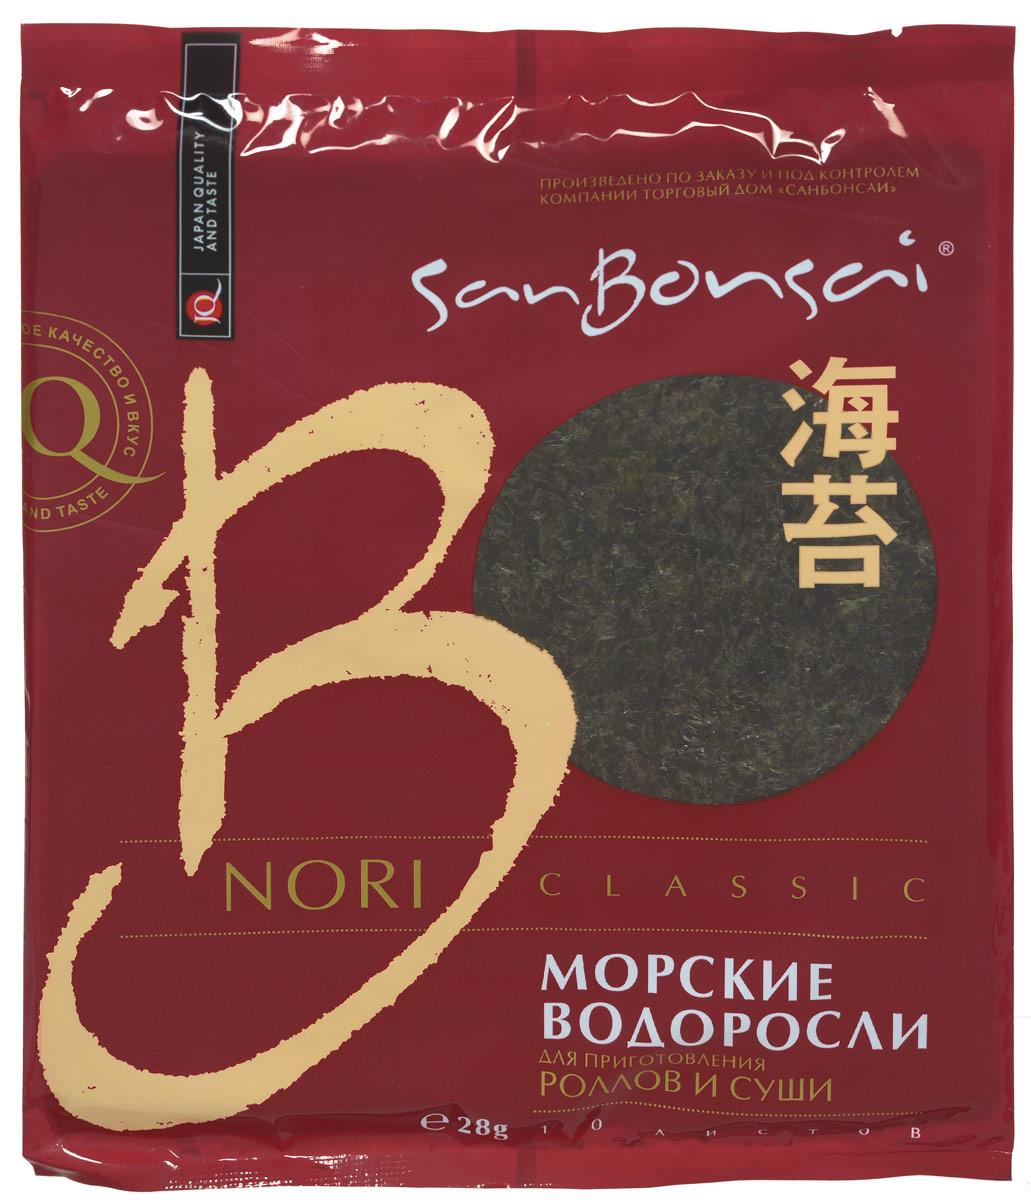 SanBonsai Nori Classic морские водоросли для роллов и суши, 28 г (10 листов)0120710SanBonsai Nori Classic - морские водоросли для роллов и суши.Нори изготовлены из измельченных, а затем высушенных на сетке водорослей без каких-либо добавок. Листы нори используются для приготовления суши, роллов, гунканов, а также как ингредиент для Азиатских первых и вторых блюд. Морские водоросли SanBonsai высокого качества - плотные, ровные, без просветов.Морские водоросли Нори SanBonsai Nori Classic содержат йод, растительный протеин, витамины и минералы. При регулярном употреблении нори в пищу замечено значительное снижение уровня холестерина в крови, что говорит о небольшой вероятности заболеть атеросклерозом. Наблюдения ученых показали, что водоросли обладают антираковыми свойствами, а также содействуют восстановлению иммунной системы.Польза водоросли нори заключается не только в способности выводить радиоактивные вещества и токсичные металлы из организма, но и укреплять сердечнососудистую систему. При заболеваниях щитовидной железы и варикозе эти водоросли оказывают эффективную помощь, если добавить их в свой ежедневный рацион.В упаковке 10 листов водорослей нори.